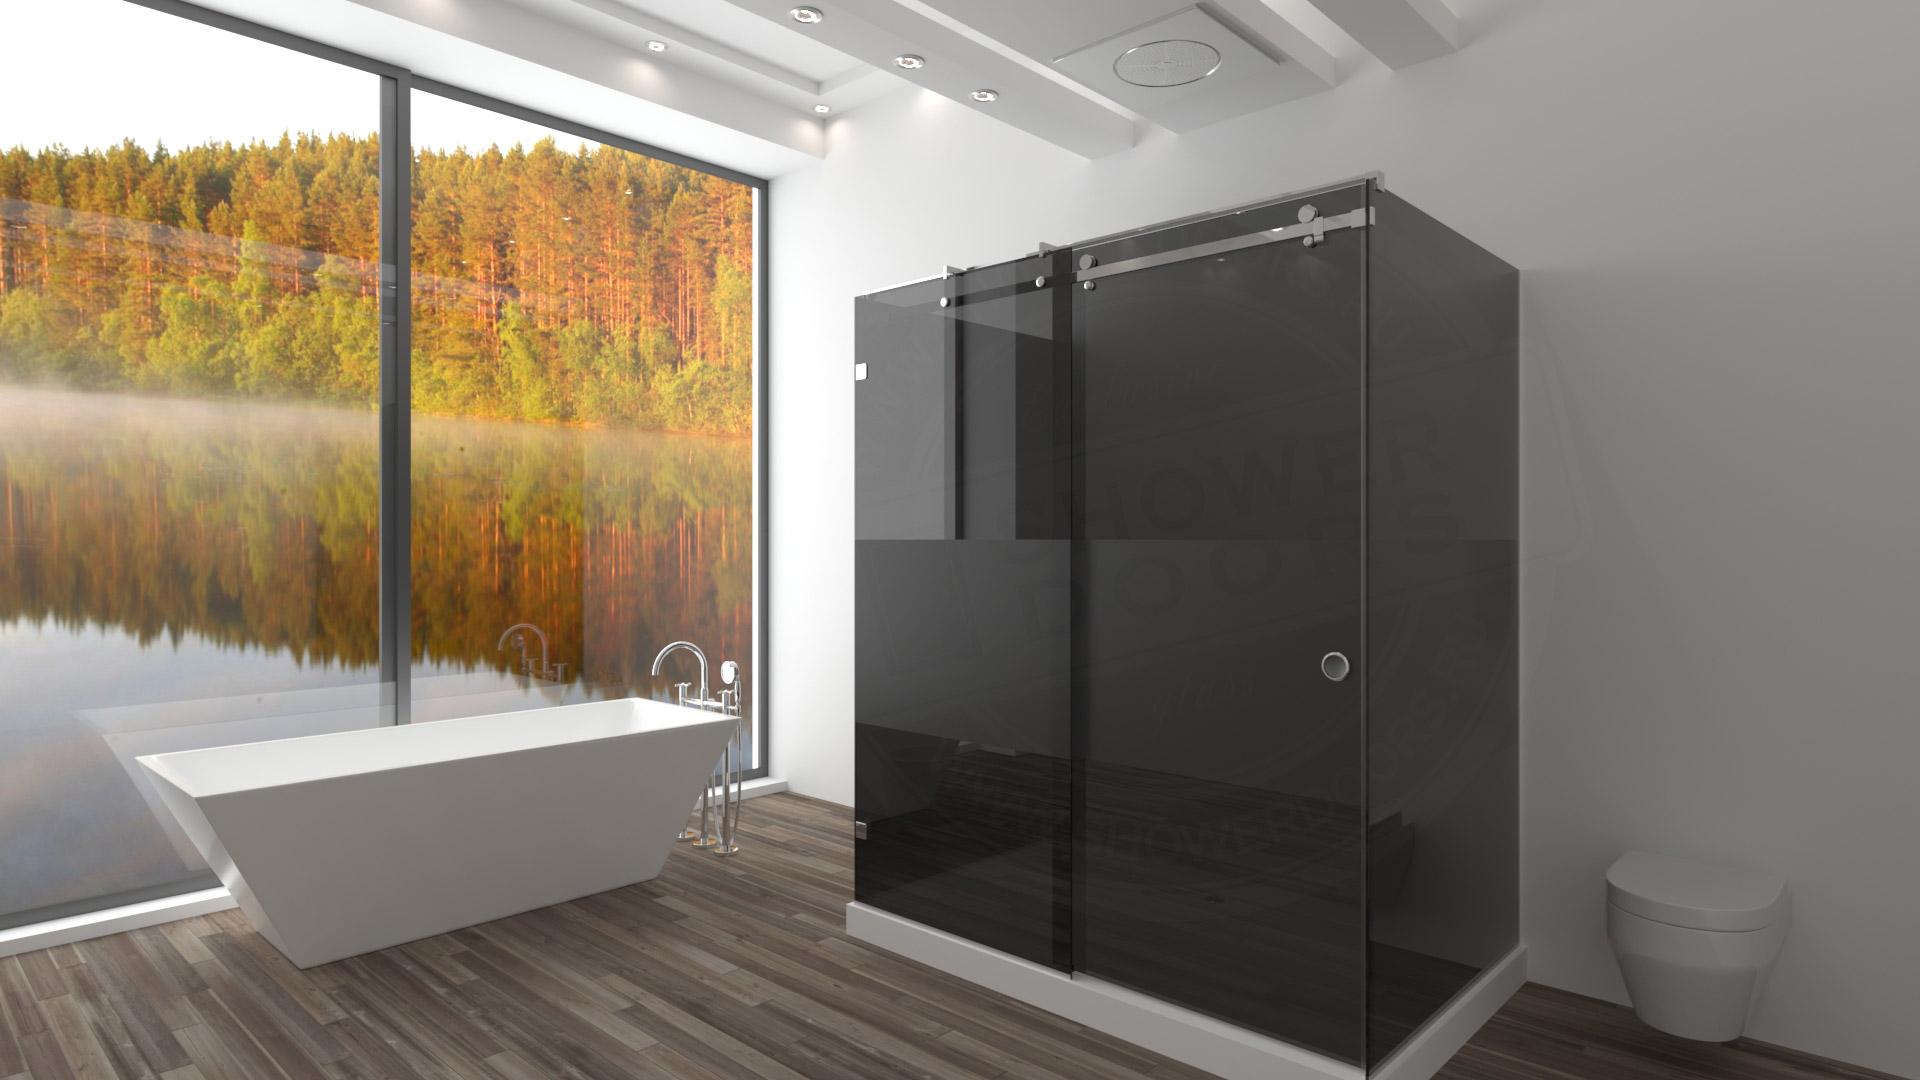 Экран под ванну своими руками - 5 вариантов